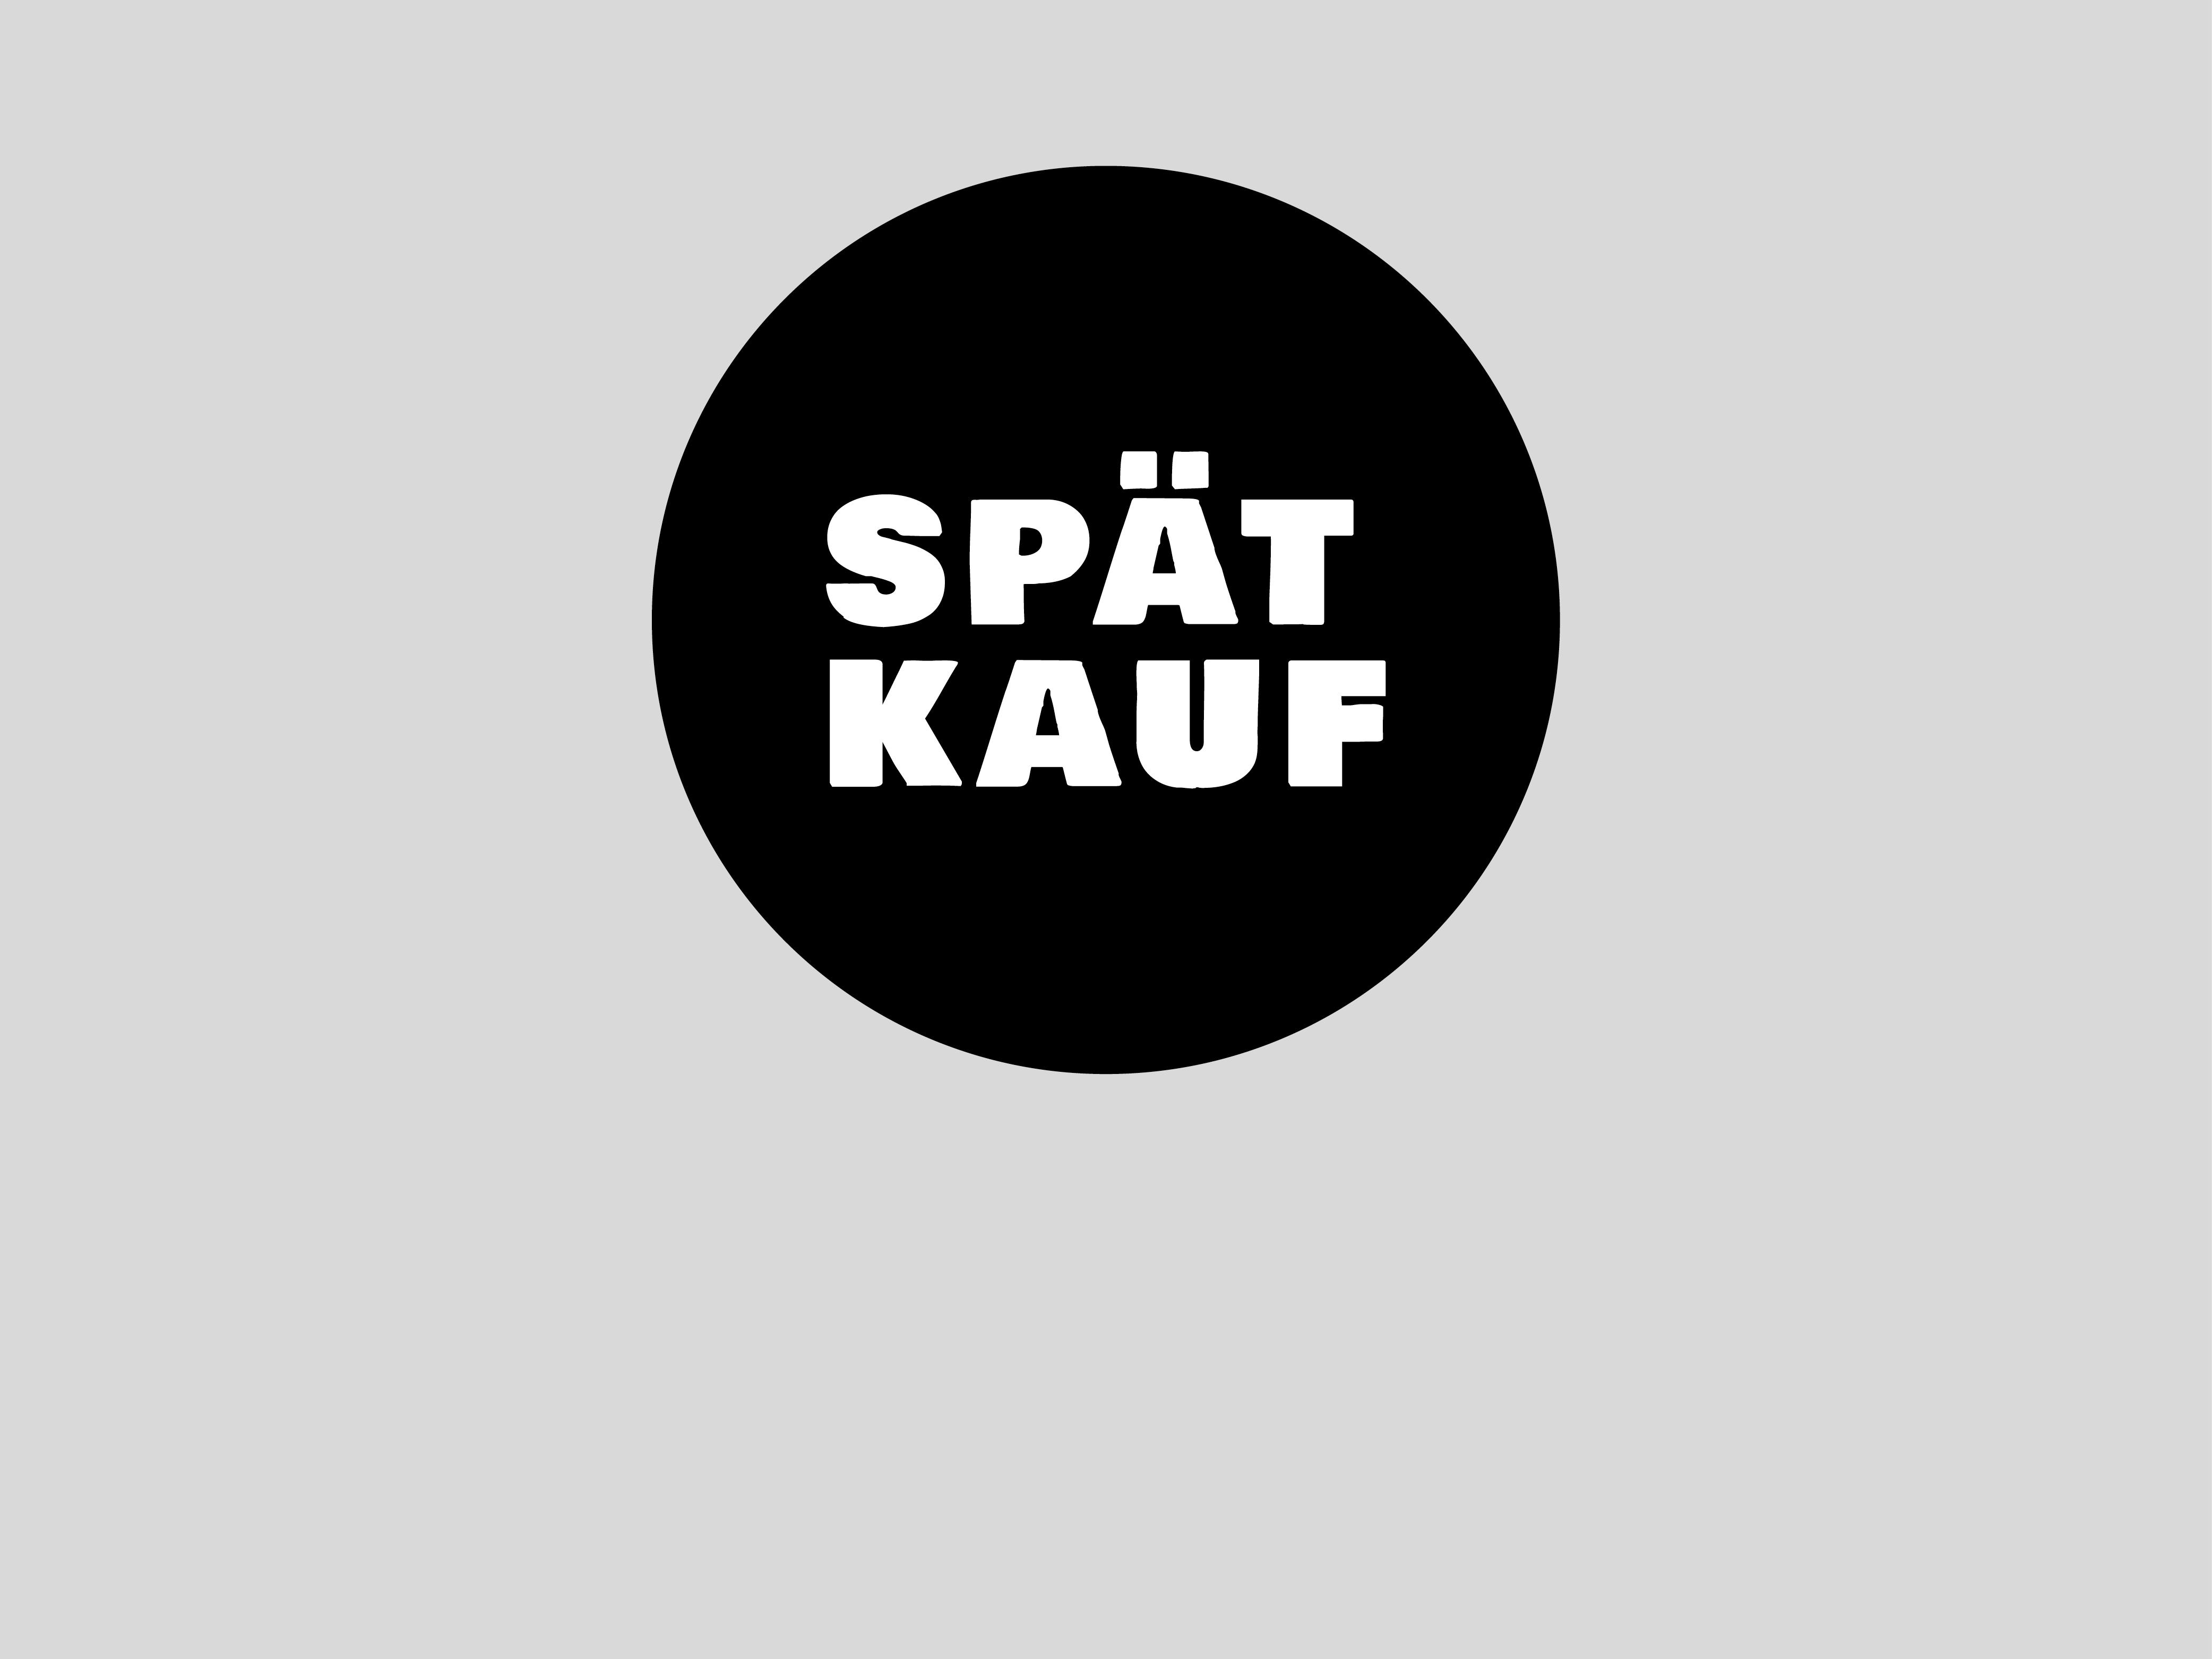 SPÄTI – Kennzeichen eines Ladentypus